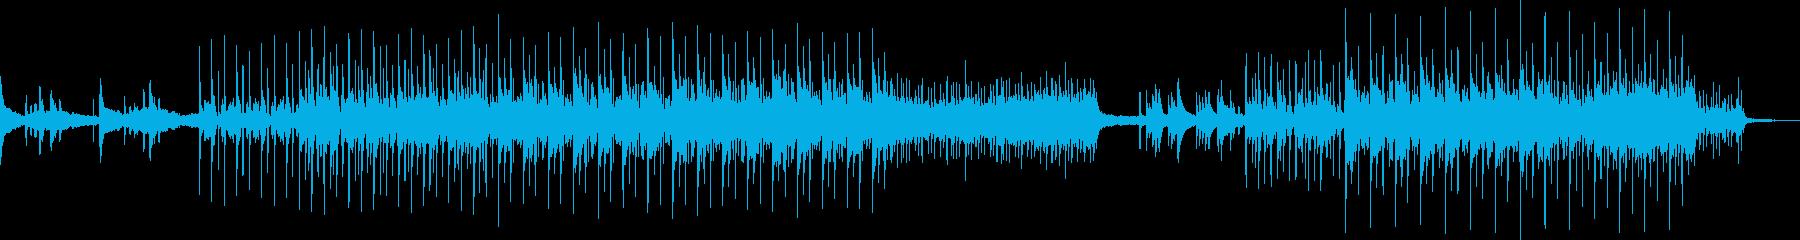 日本の情緒を感じさせるスローテンポな曲調の再生済みの波形